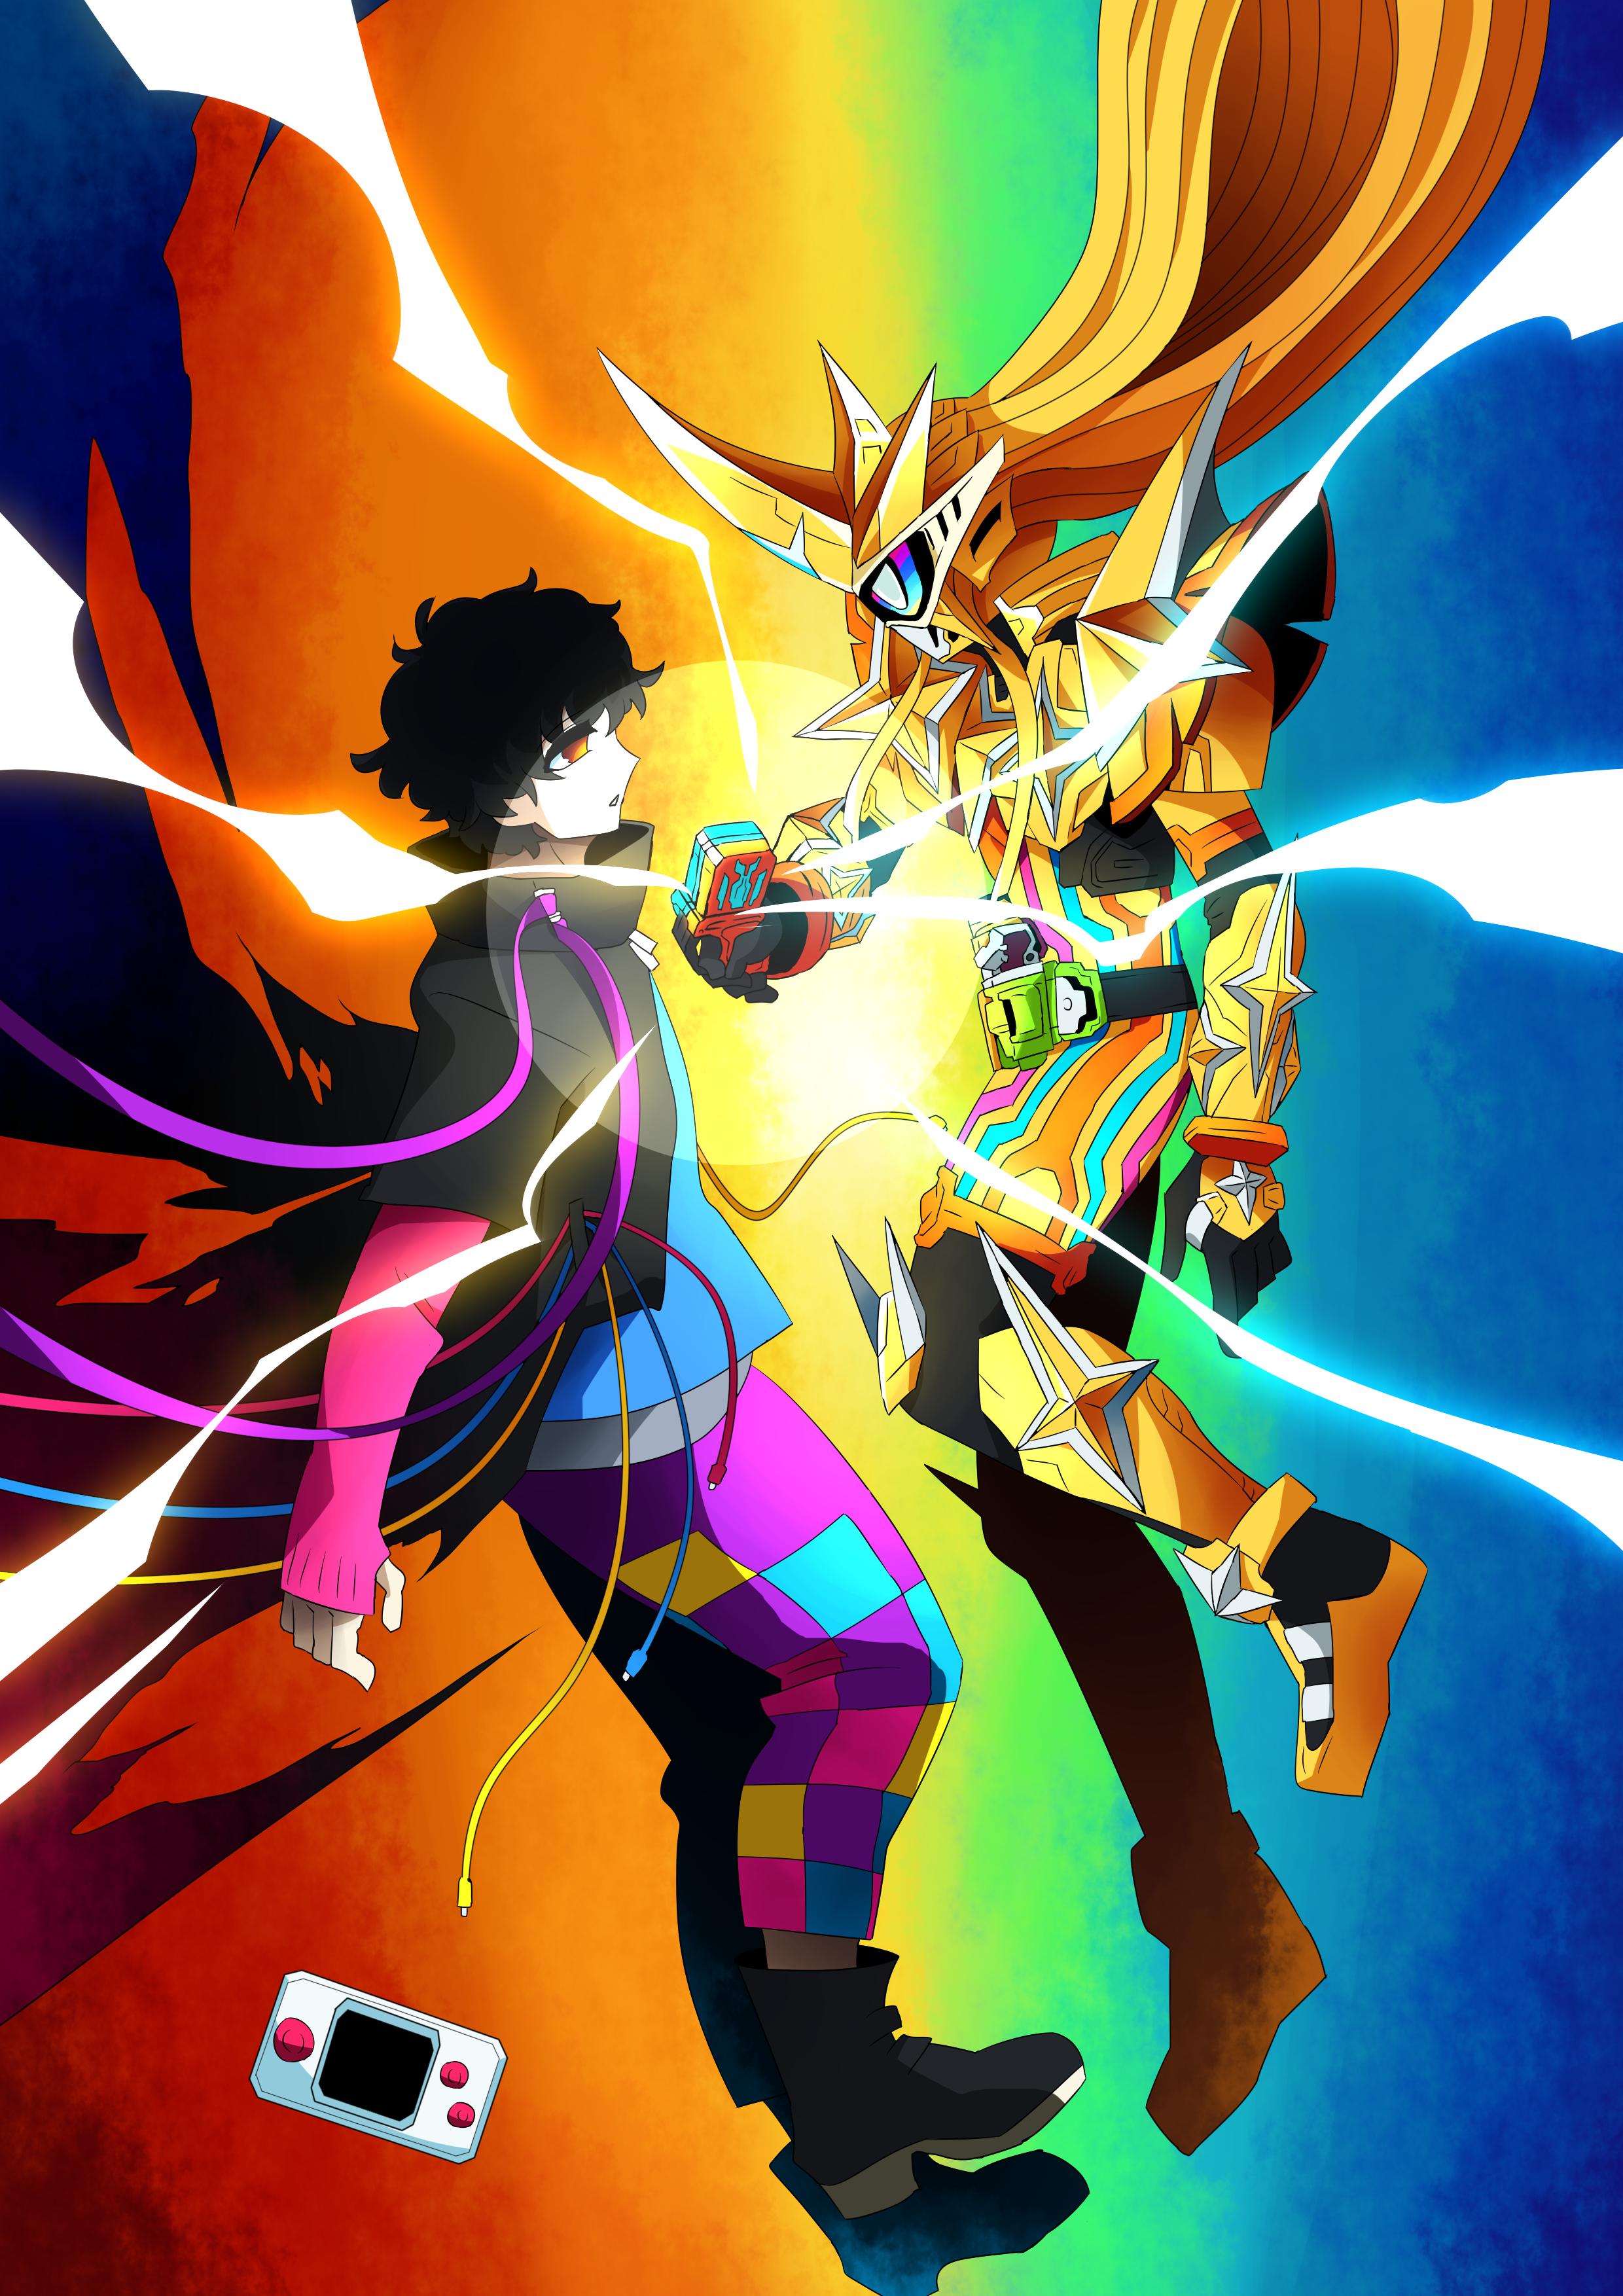 Kamen rider wizard image by DiakingKT on Kamen Rider Ex